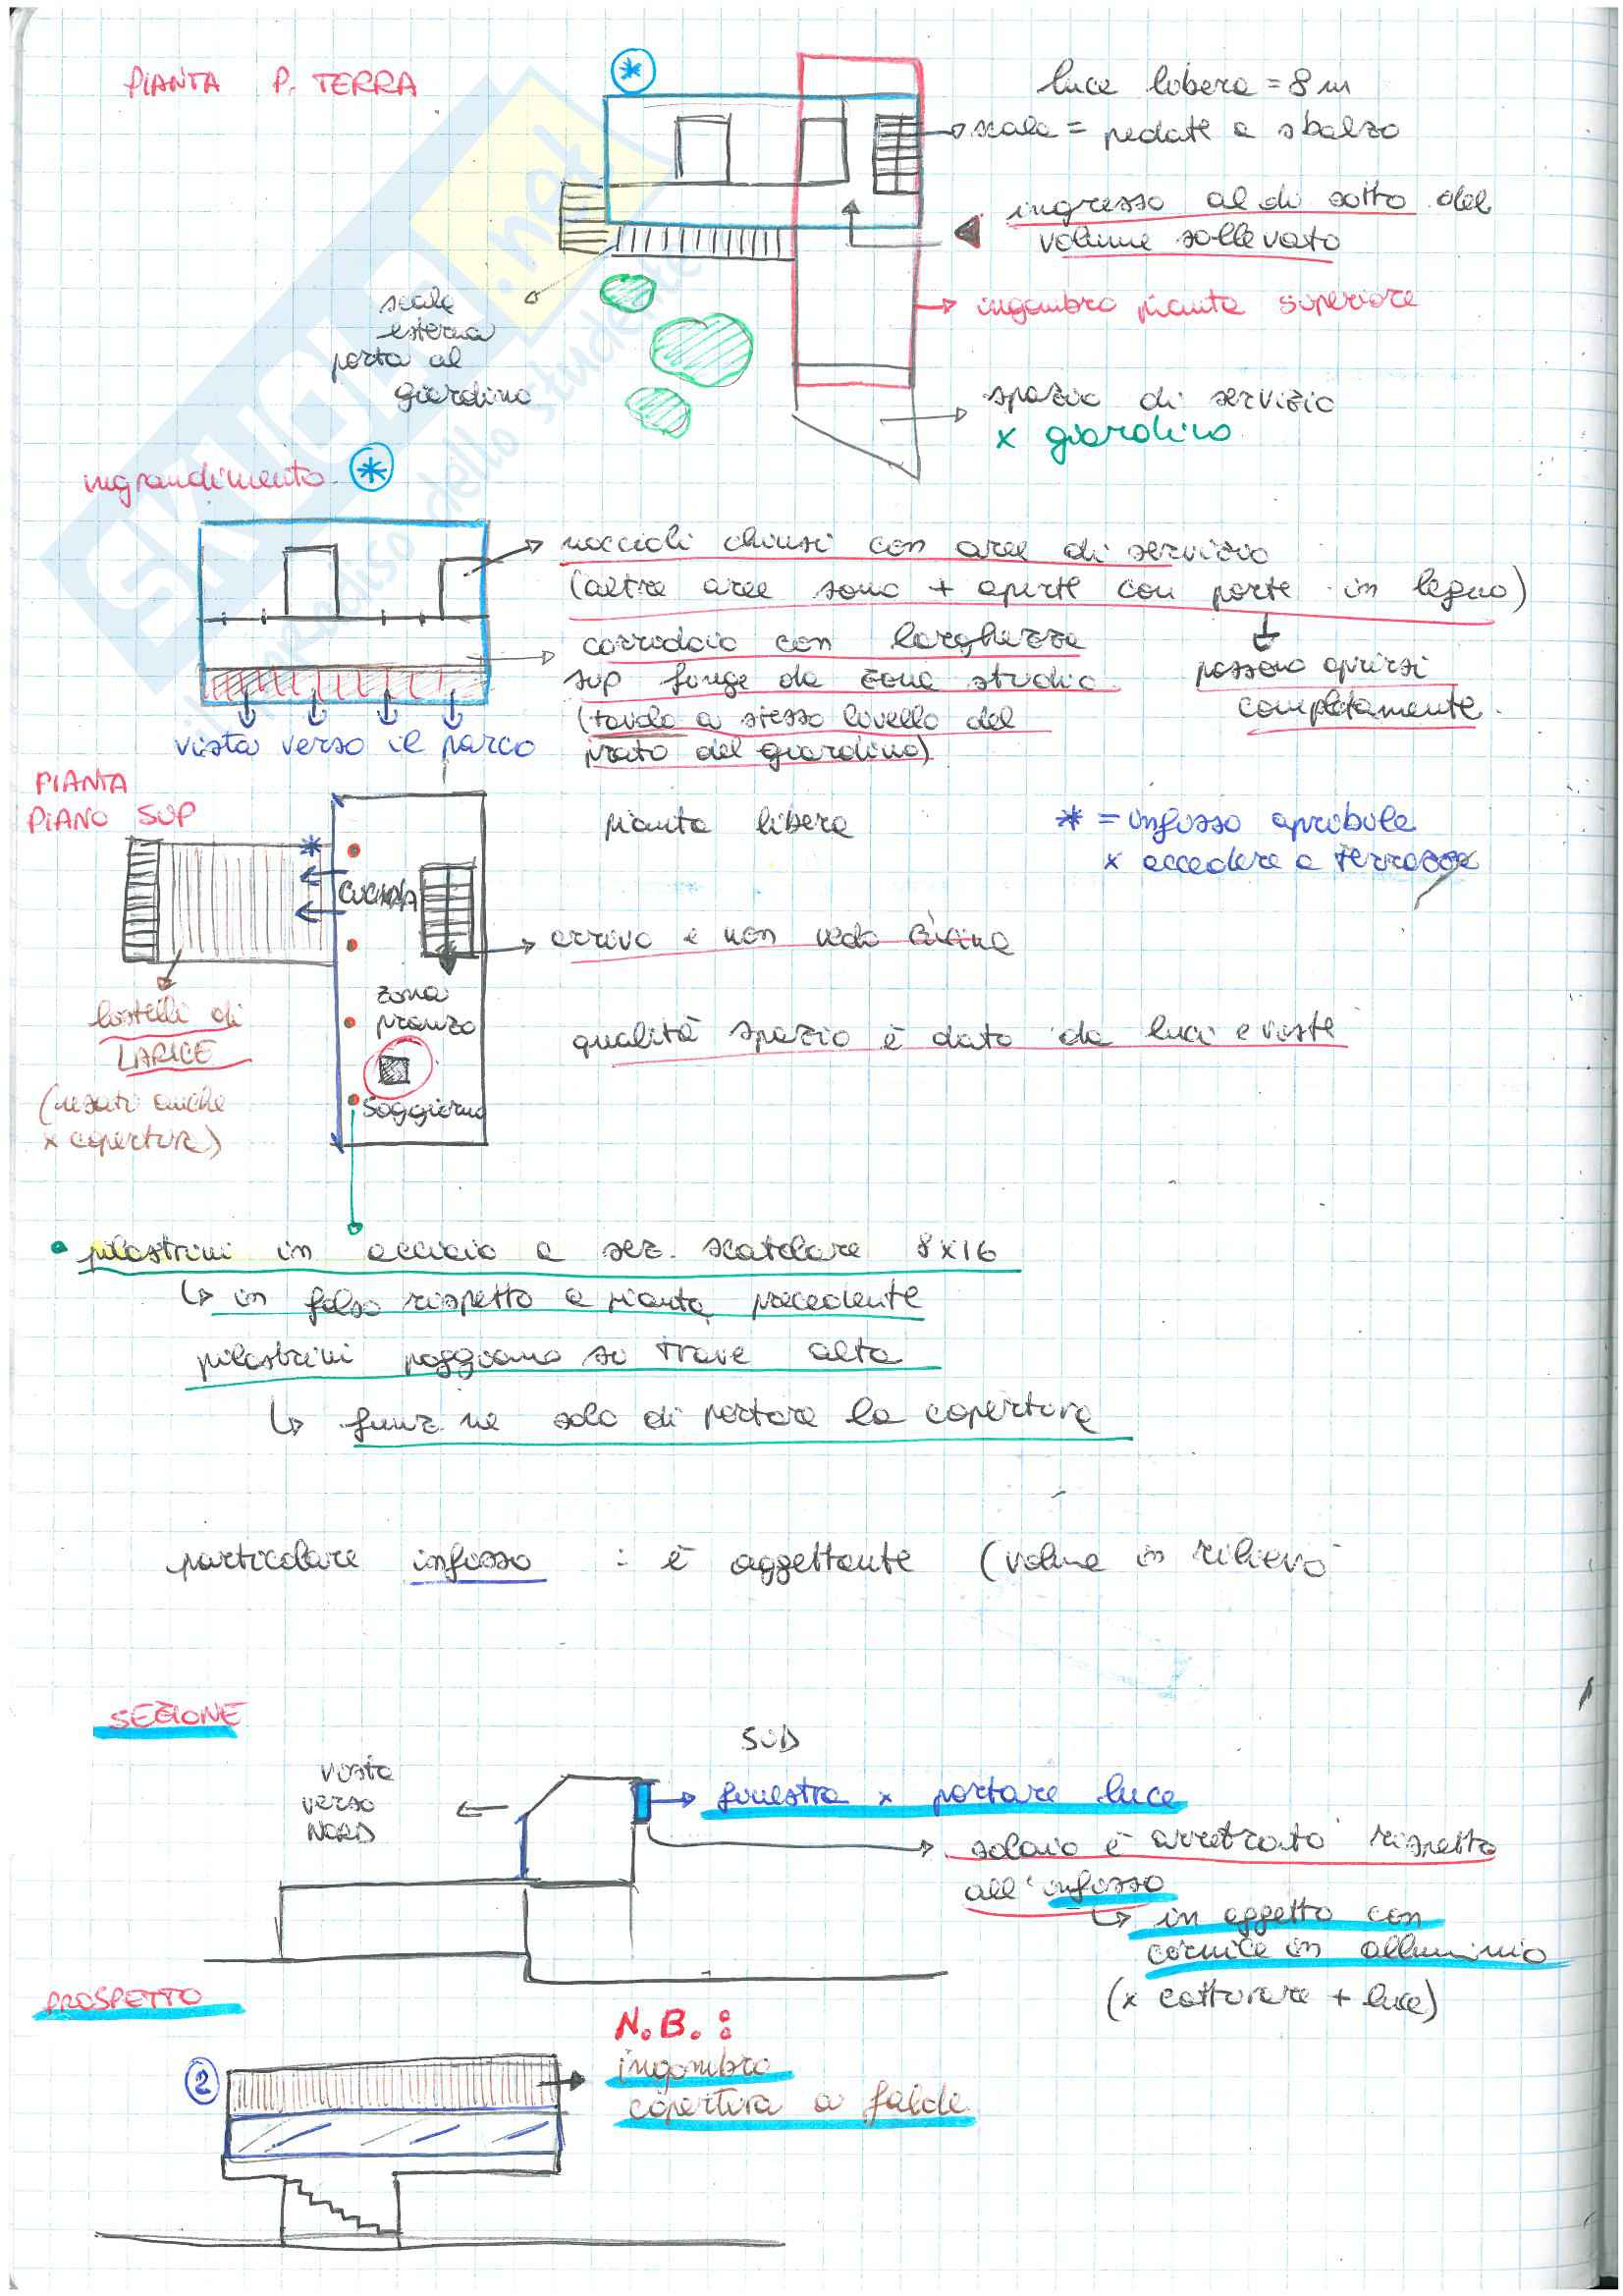 (2/3)Appunti presi a lezione di Architettura e Composizione architettonica 1 con laboratorio progettuale tenuto dal prof. F. Cutroni Pag. 66